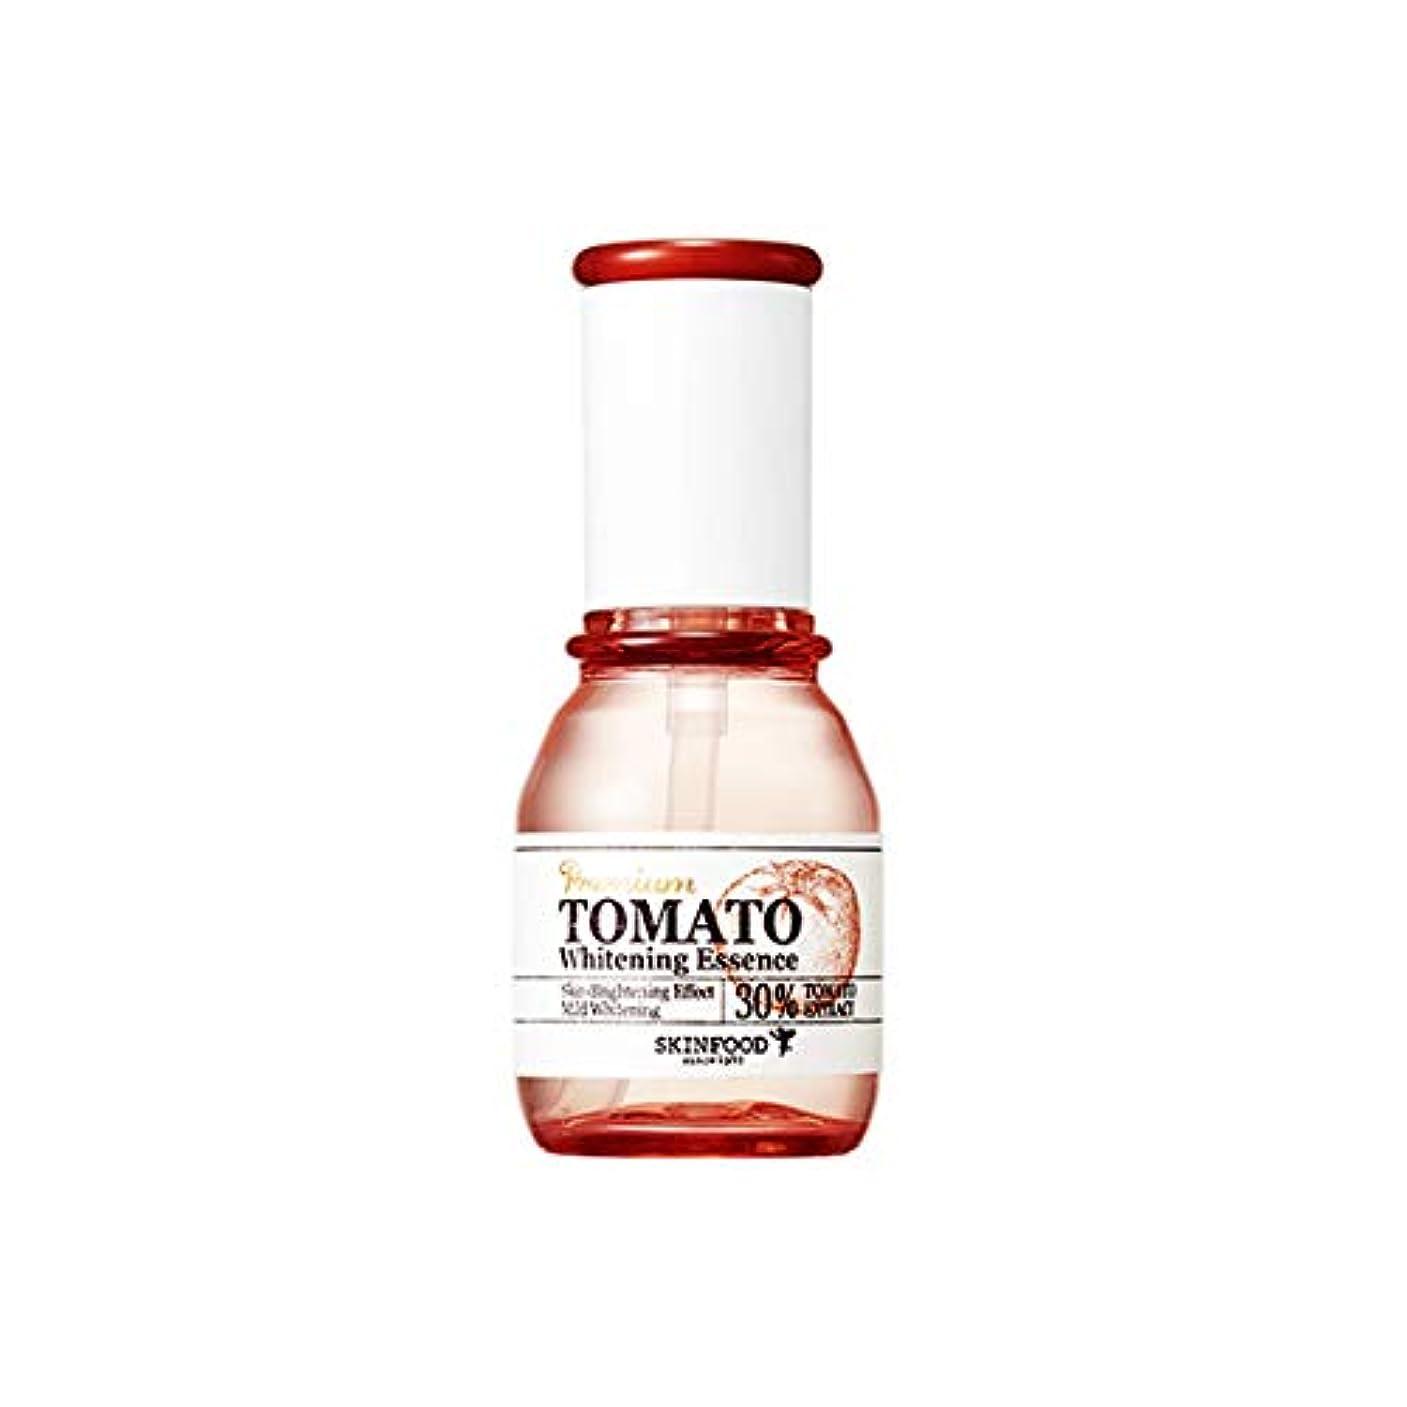 まだら頭余計なSkinfood プレミアムトマトホワイトニングエッセンス(美白効果) / Premium Tomato Whitening Essence (Skin-Brightening Effect)50ml [並行輸入品]